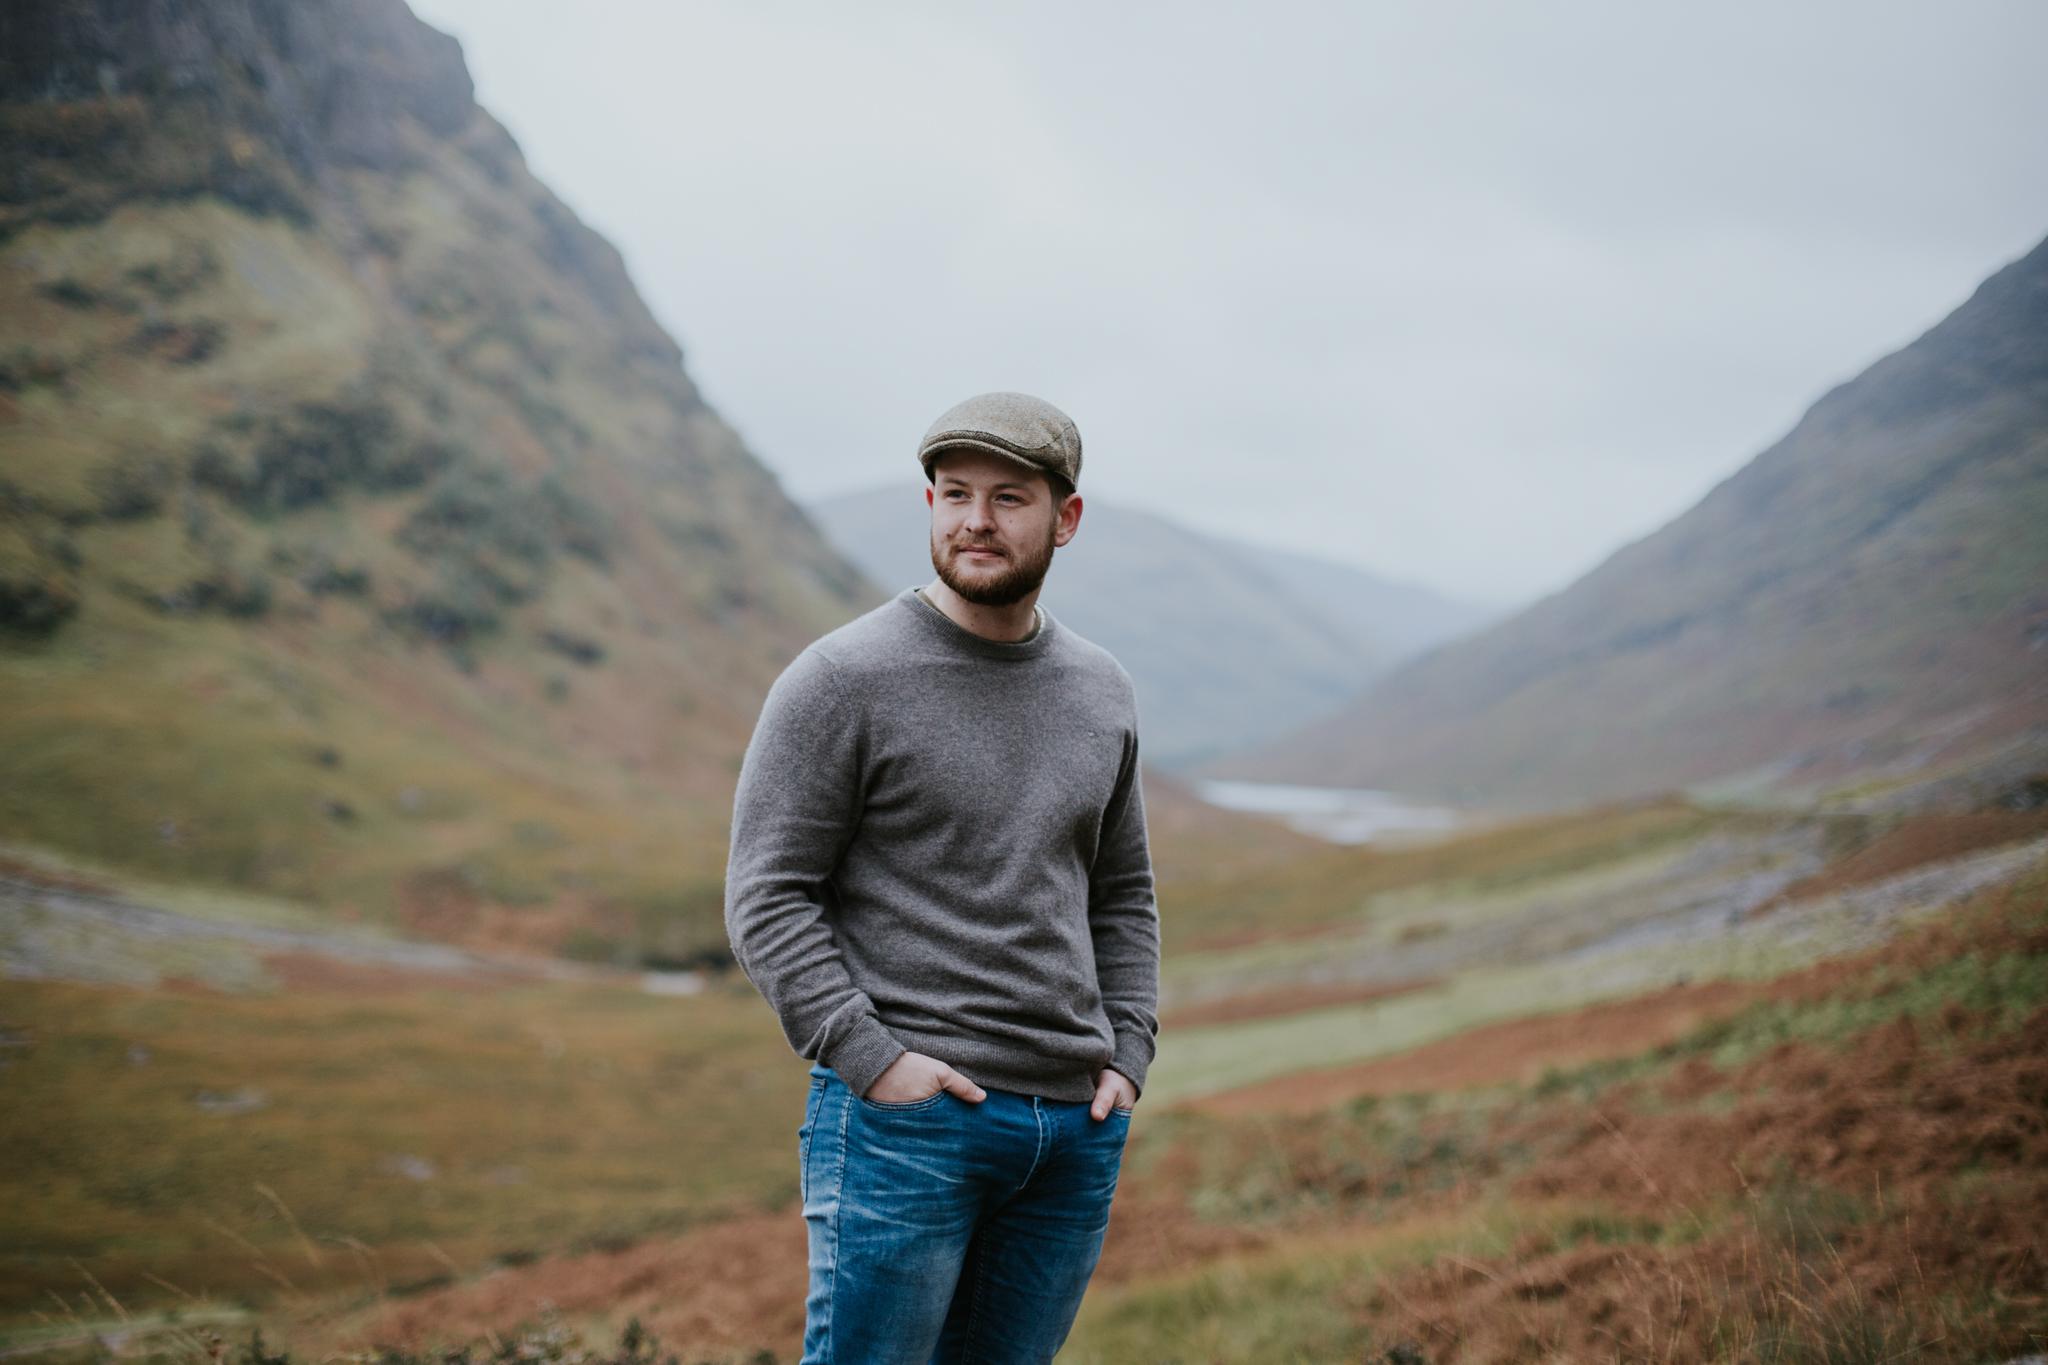 Male portrait photographer